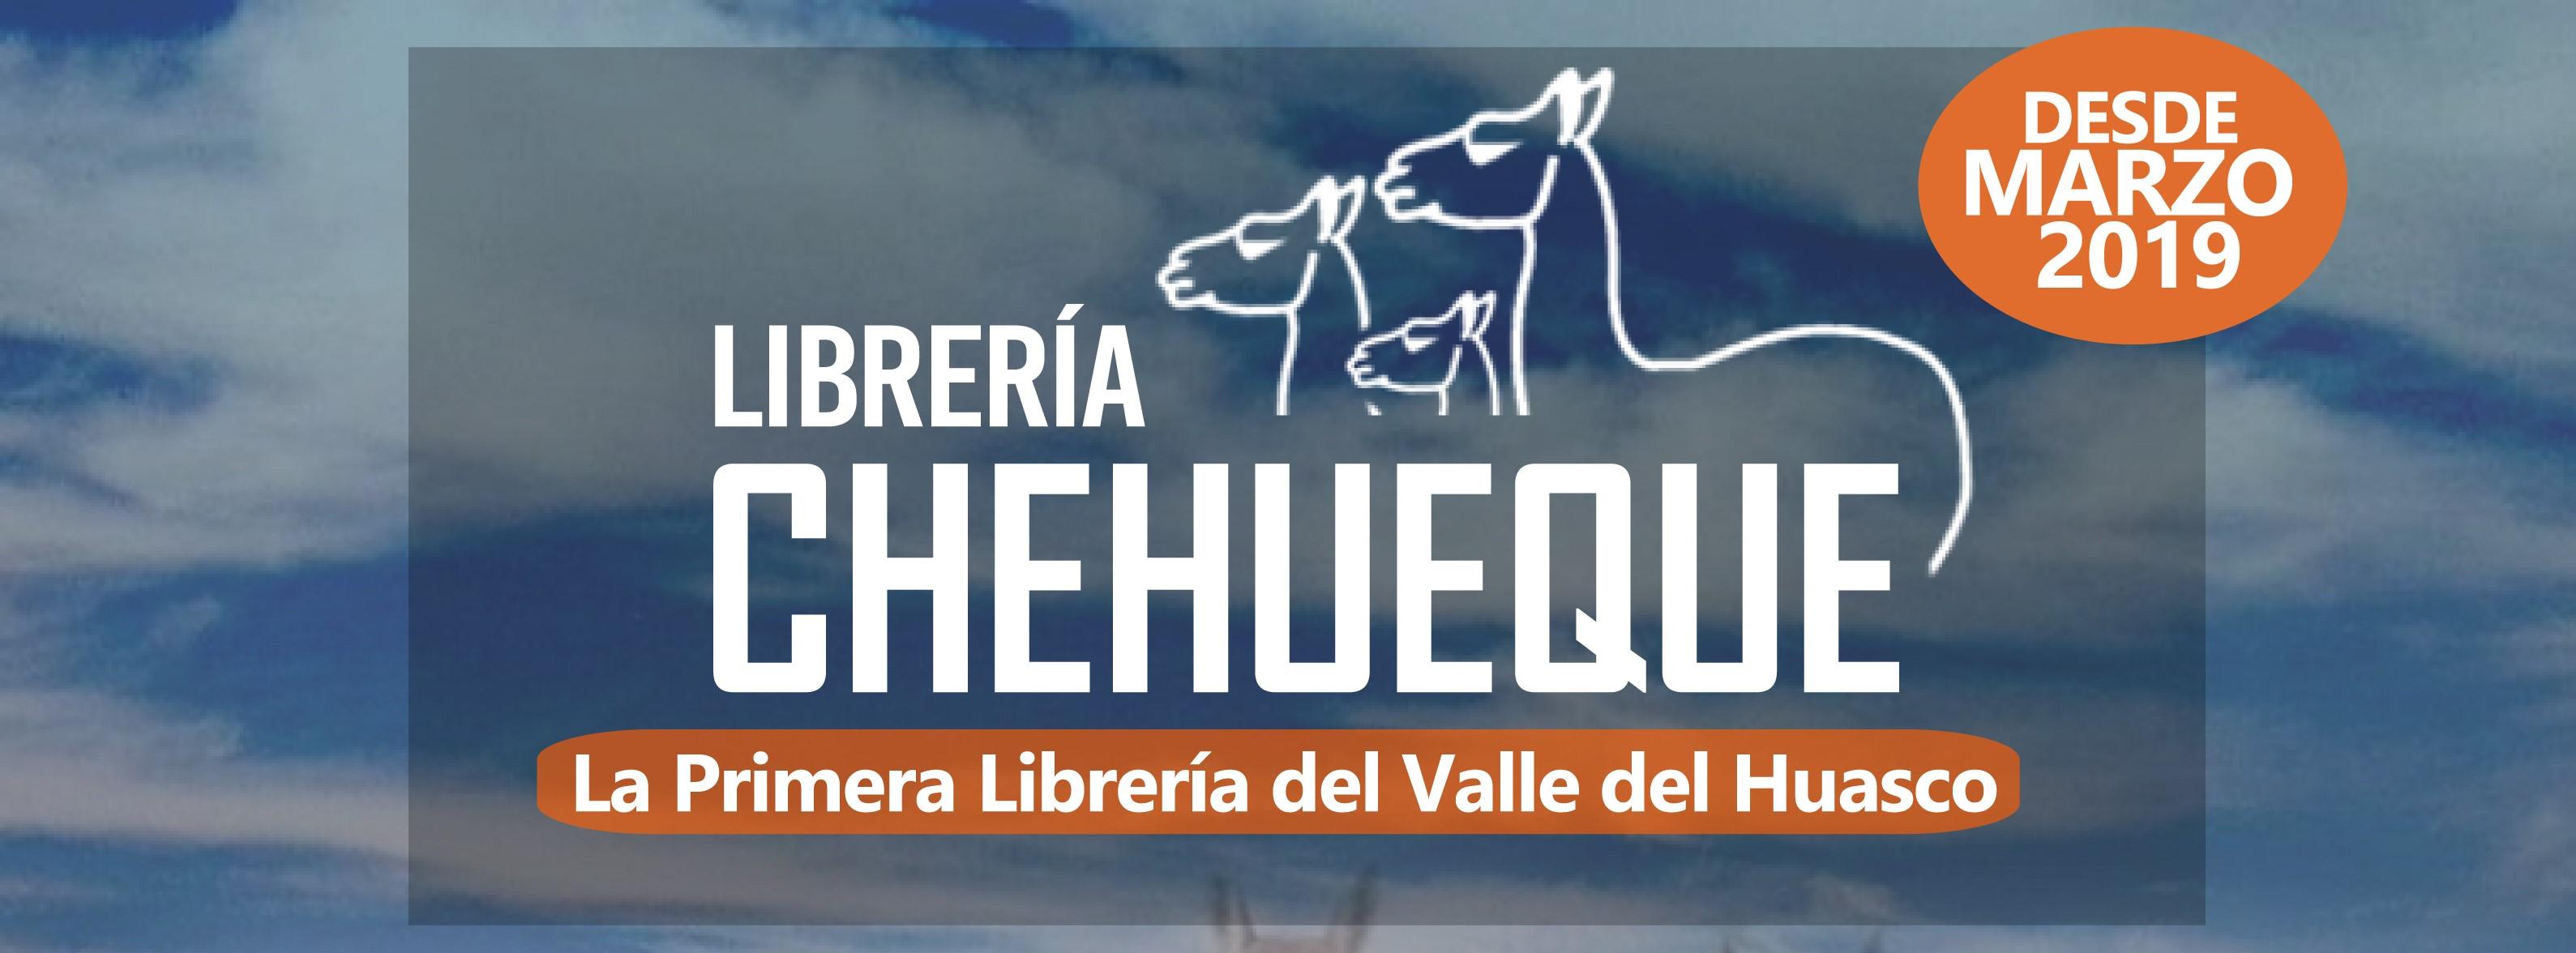 El Valle del Huasco contará con su primera librería abierta al público en el mes de marzo